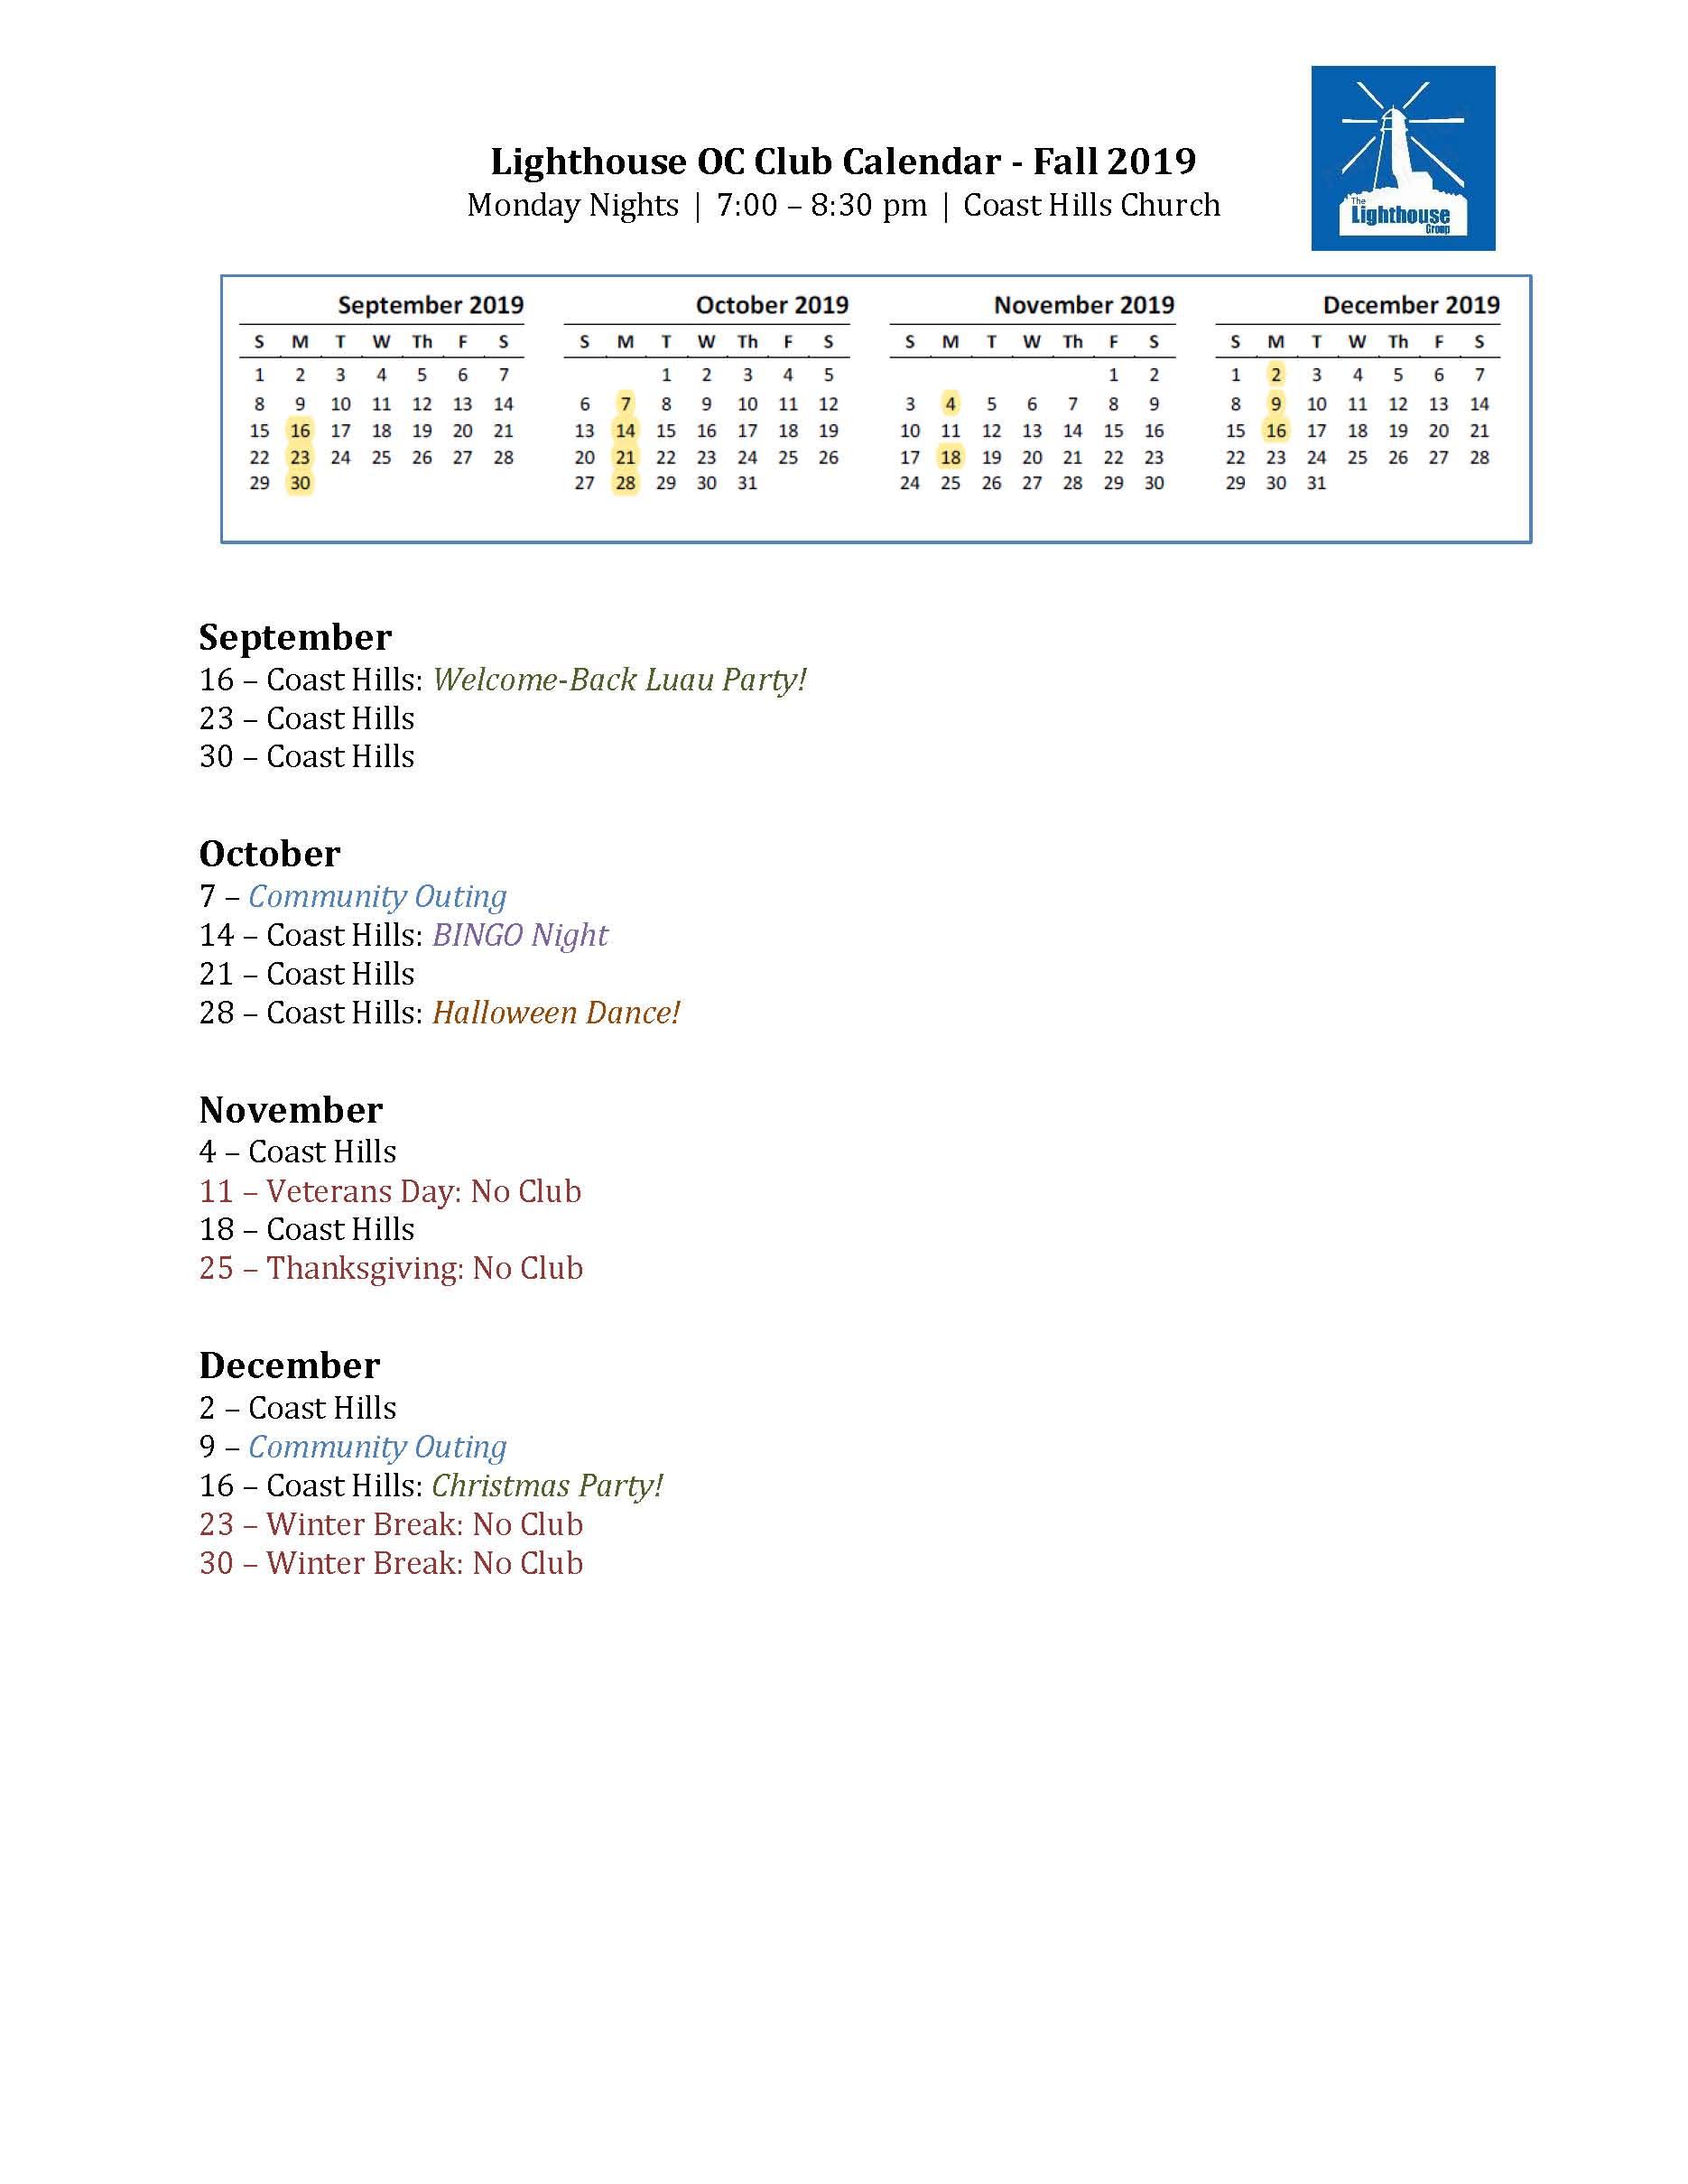 Lighthouse OC Club Calendar - Fall 2019.jpg